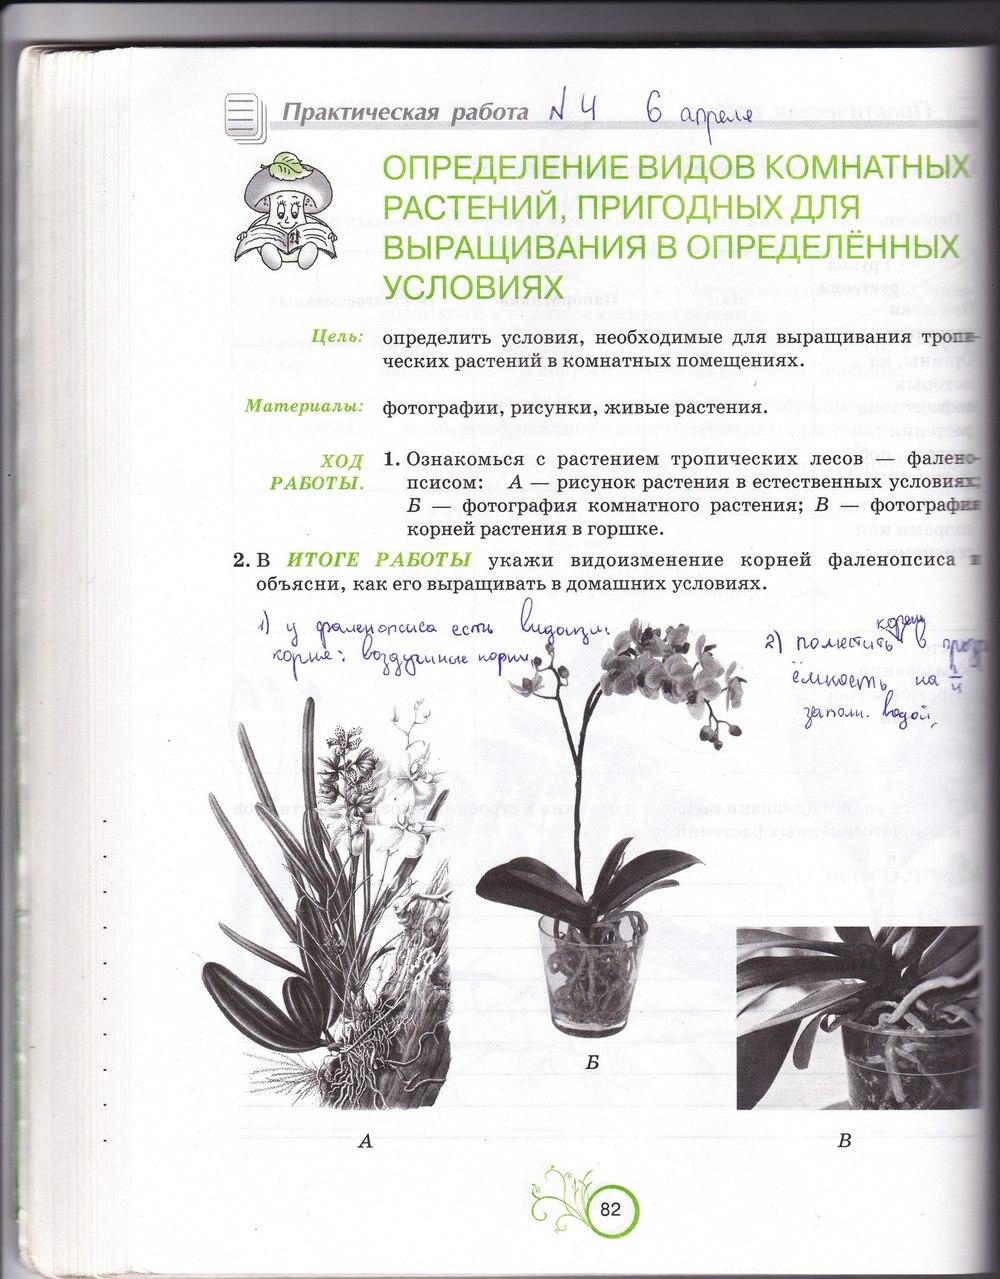 гдз по робочому зошиті з біології 6 клас